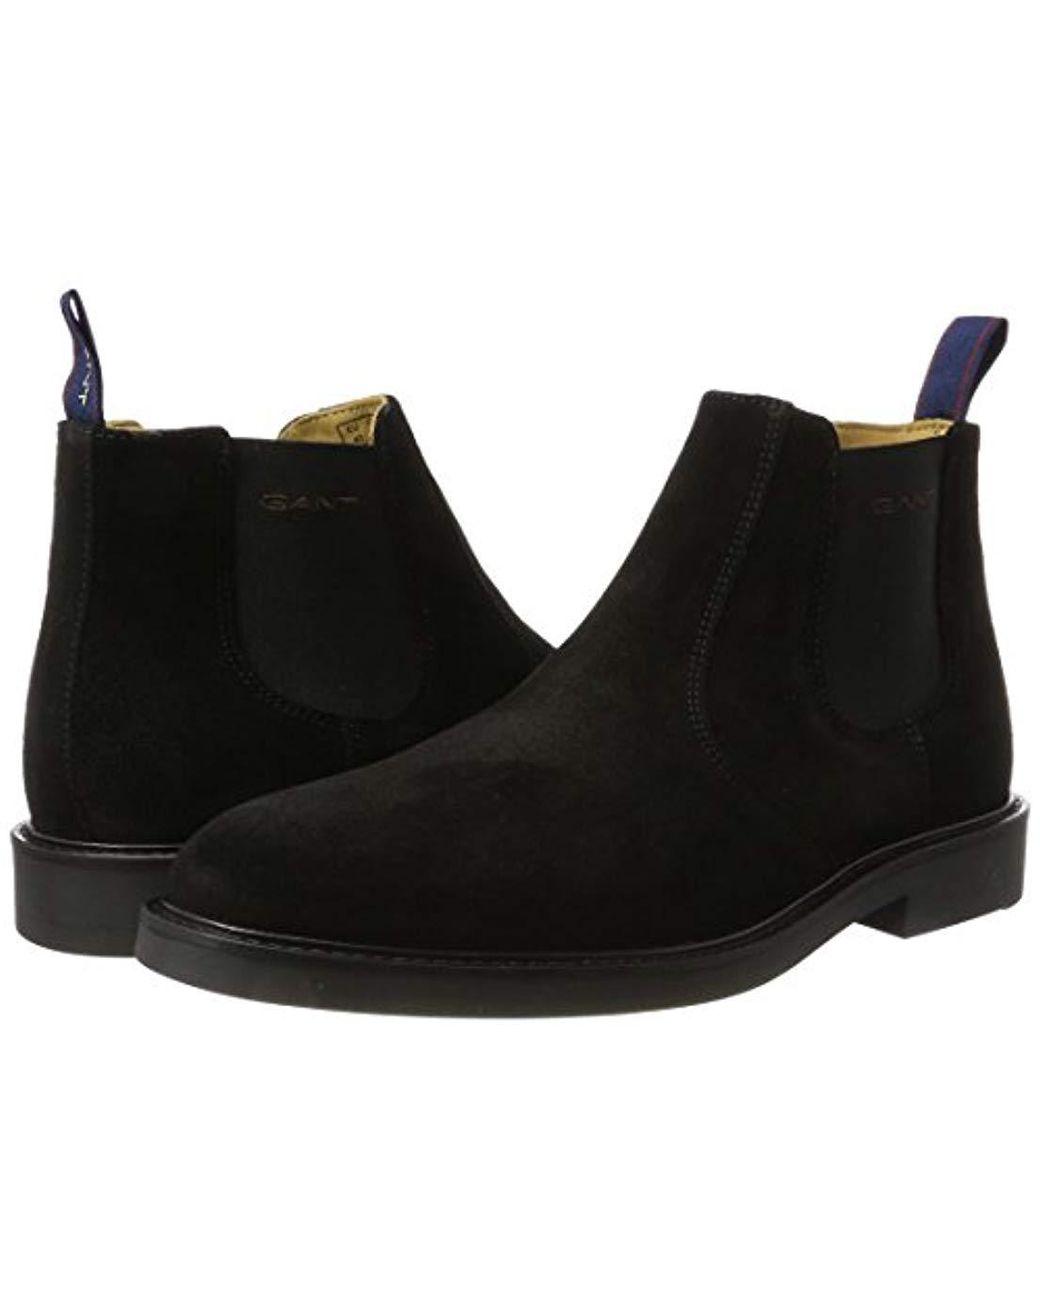 6c798451e7 GANT Spencer Chelsea Boots in Black for Men - Lyst